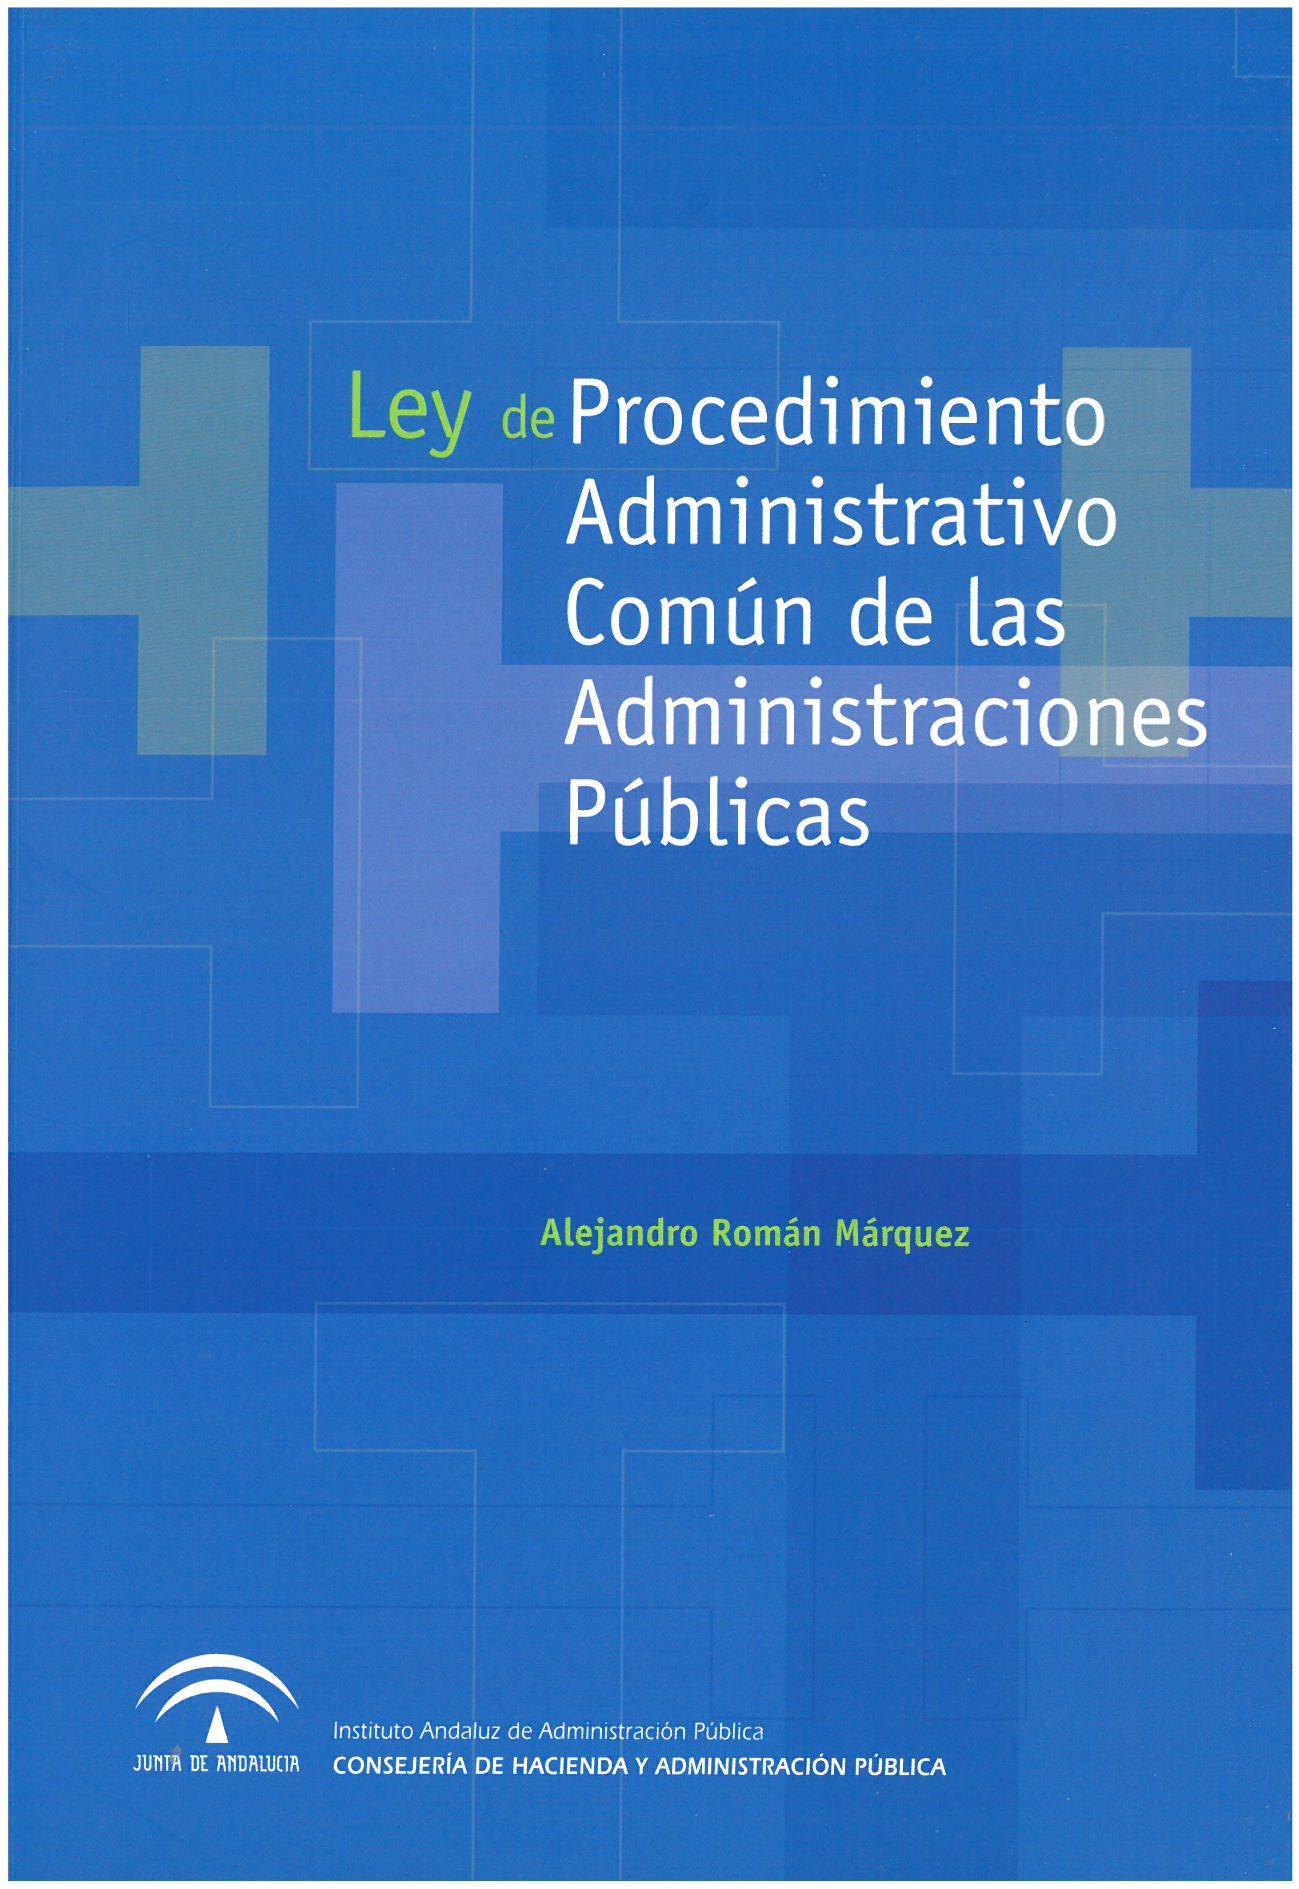 La Ley 39 2015 De Procedimiento Administrativo Común De Las Administración Públicas Instituto Andaluz De Administración Pública 2017 Administrativo